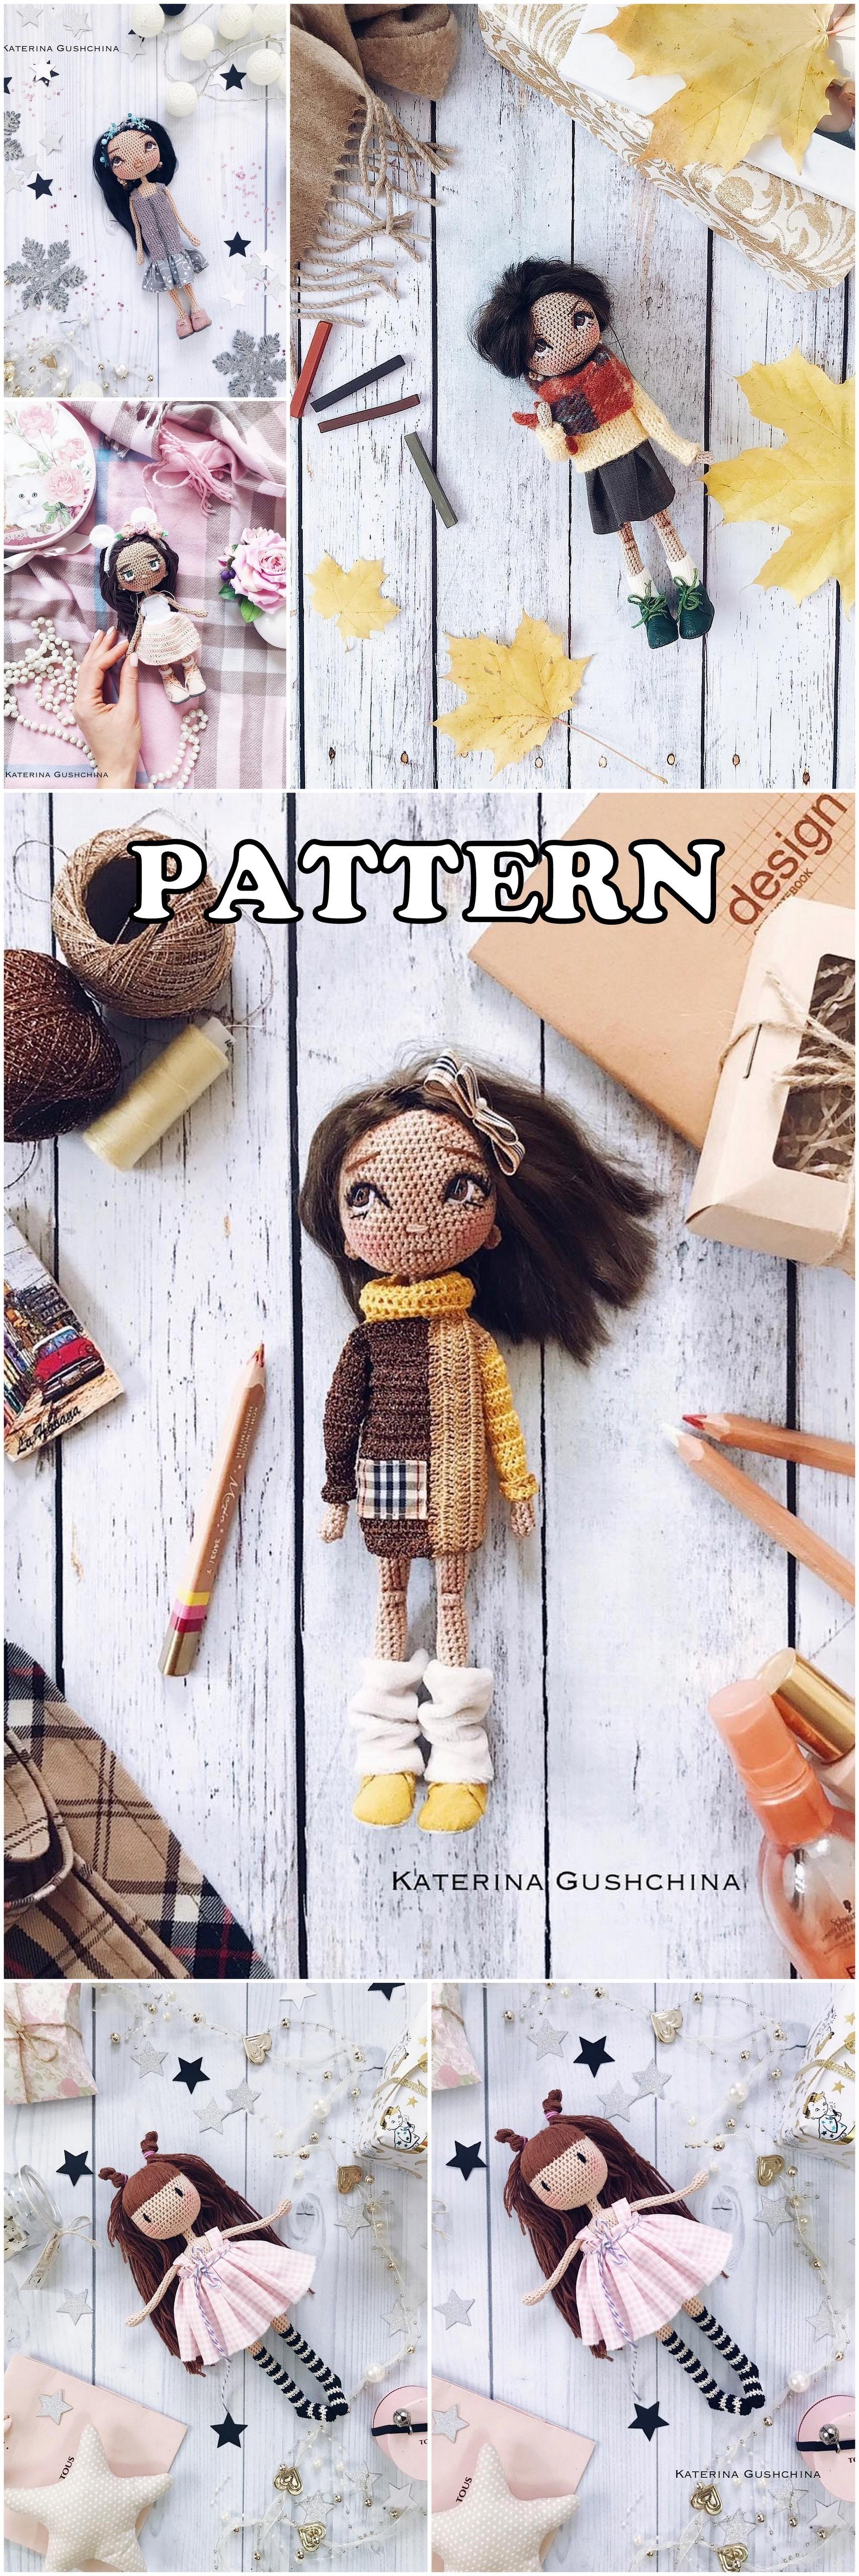 10 Top Best Amigurumi Doll Free Crochet Patterns in 2020 | Crochet ... | 5120x1707